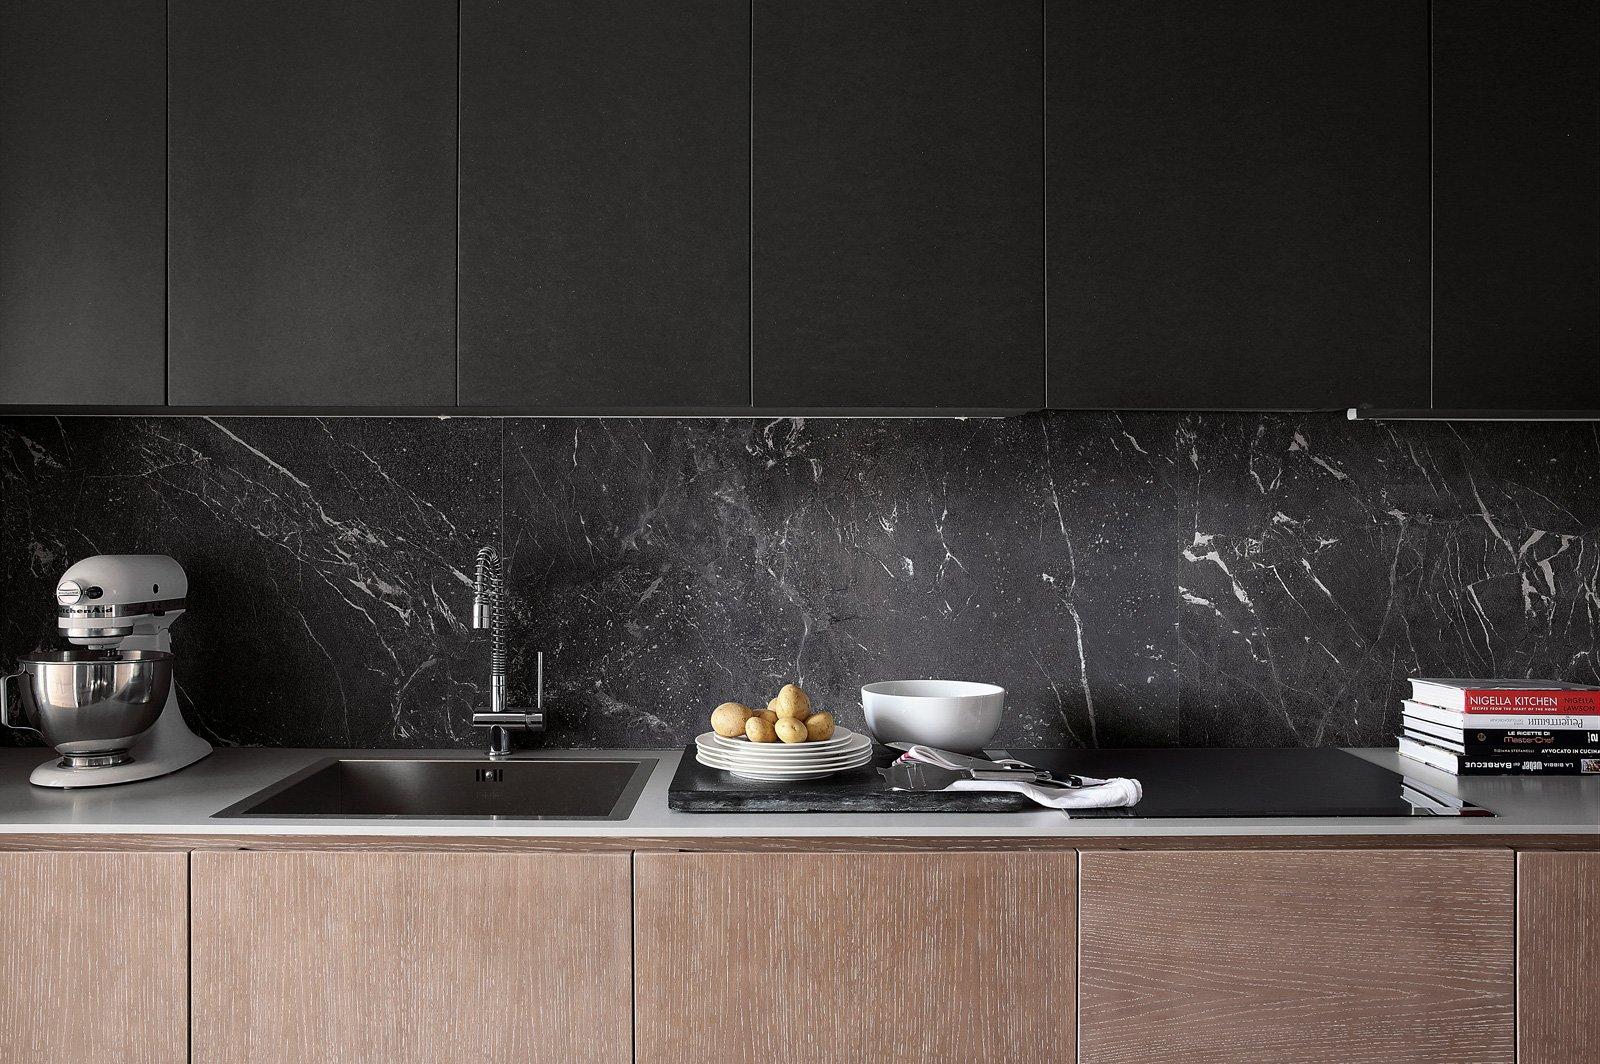 Piastrelle in gres scegliere il fascino eterno del marmo for Paraschizzi cucina mosaico